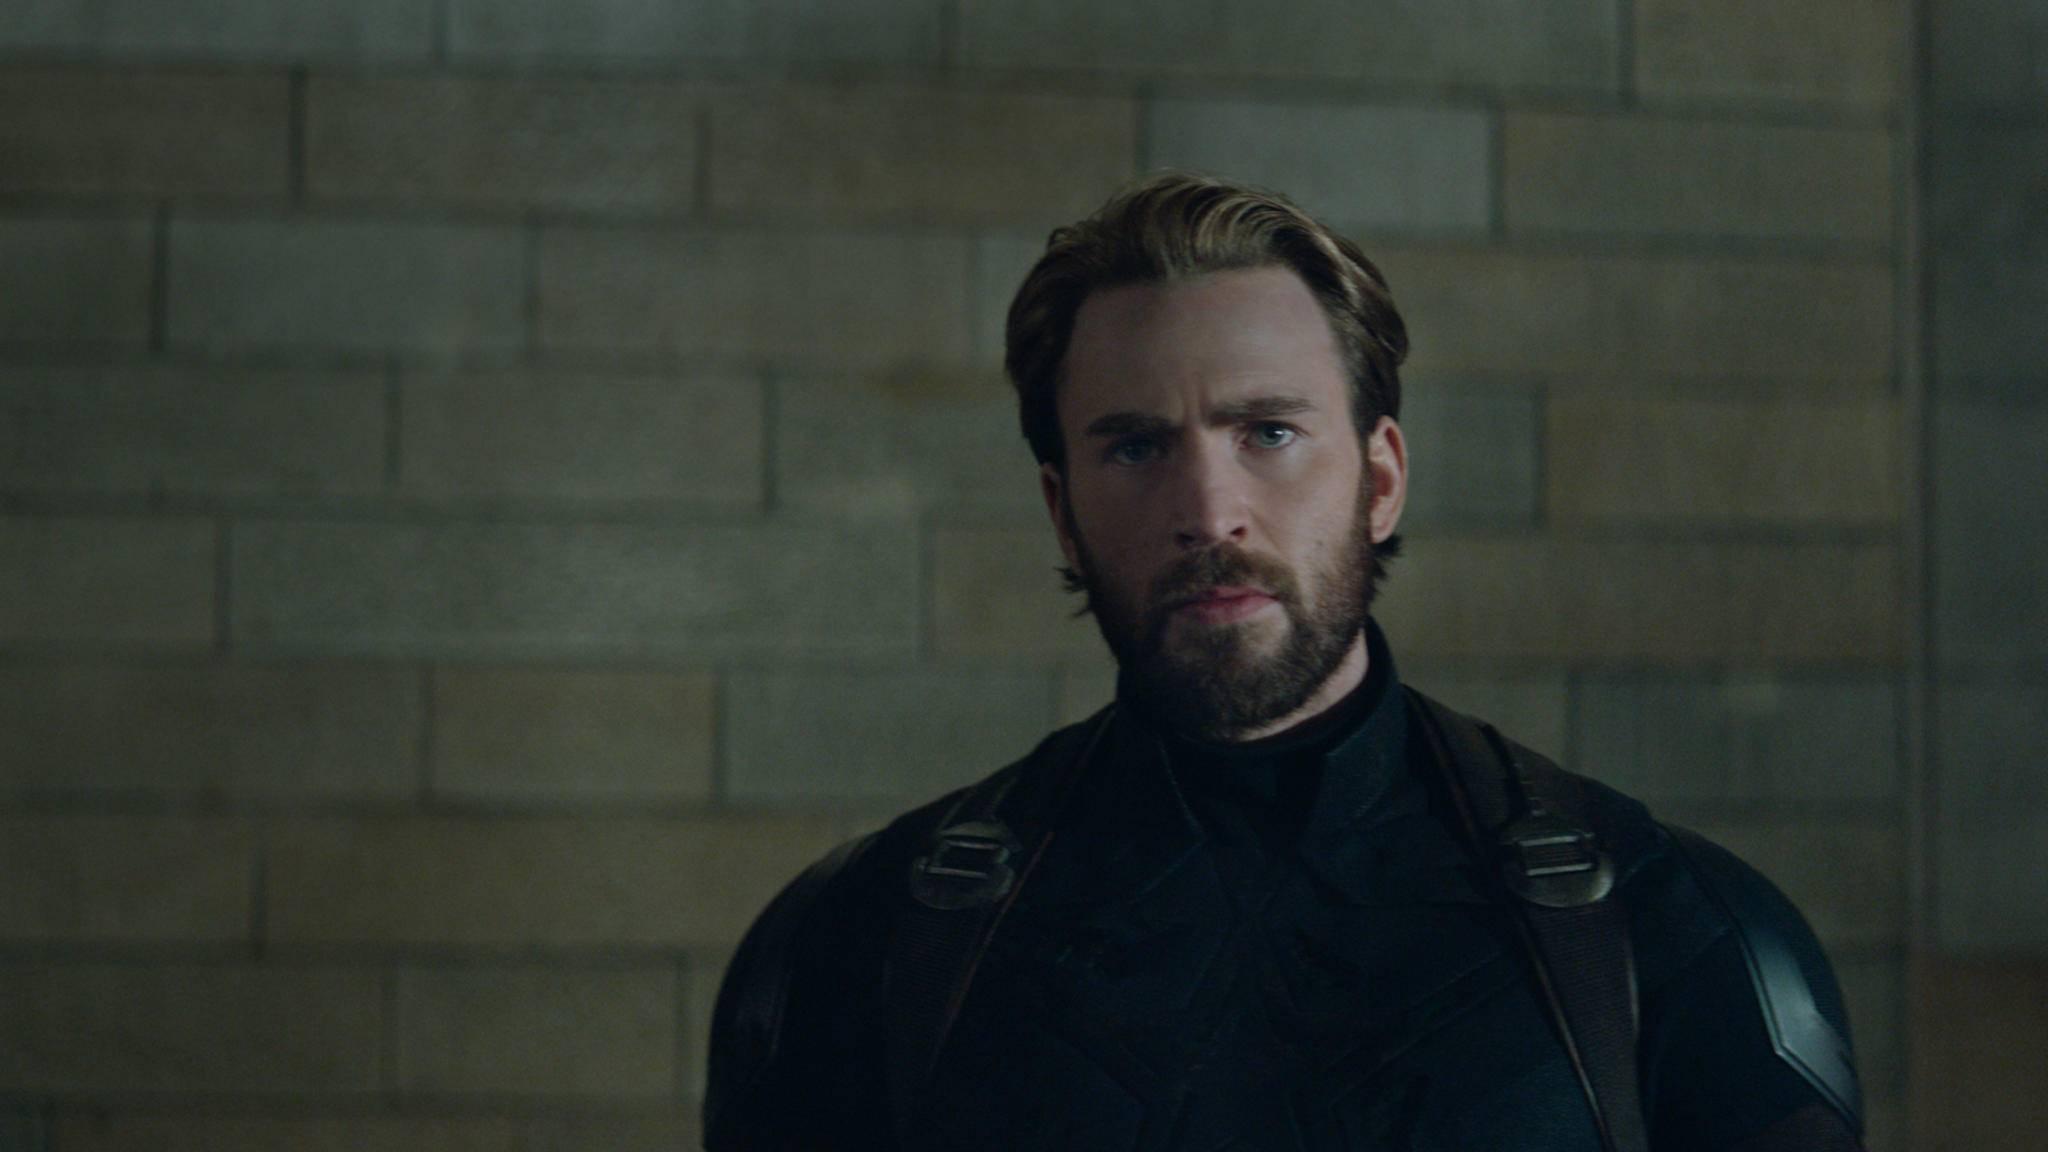 Wird dieser Anblick einer der letzten von Chris Evans als Captain America sein?